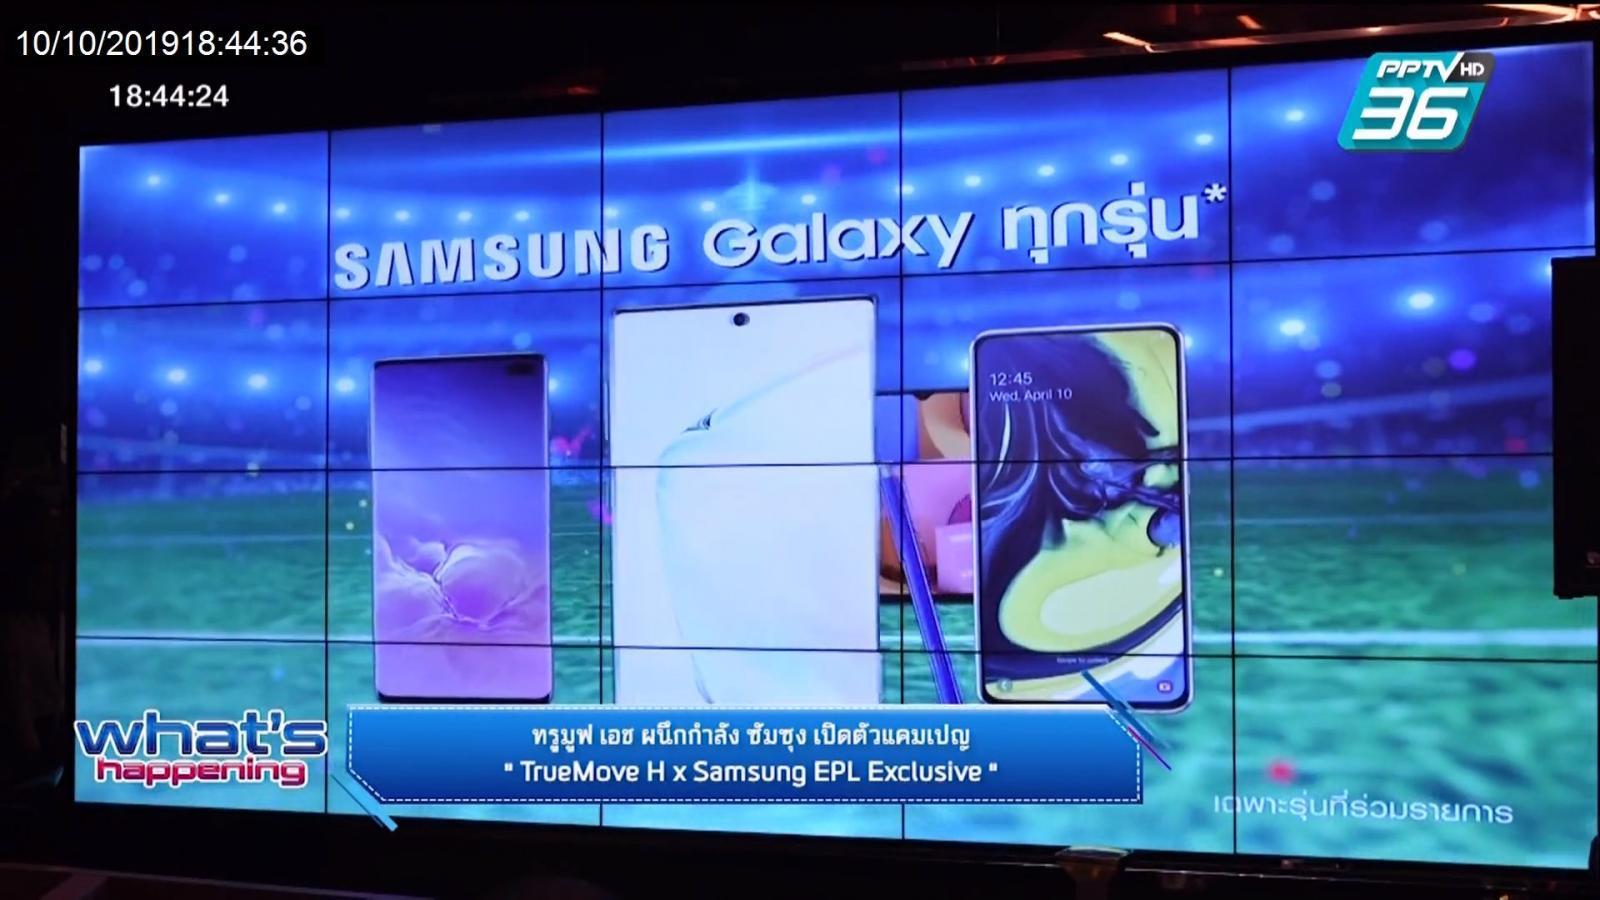 """ทรูมูฟ เอช ผนึกกำลัง ซัมซุง เปิดแคมเปญ """"TrueMove H x Samsung  EPL Exclusive"""""""